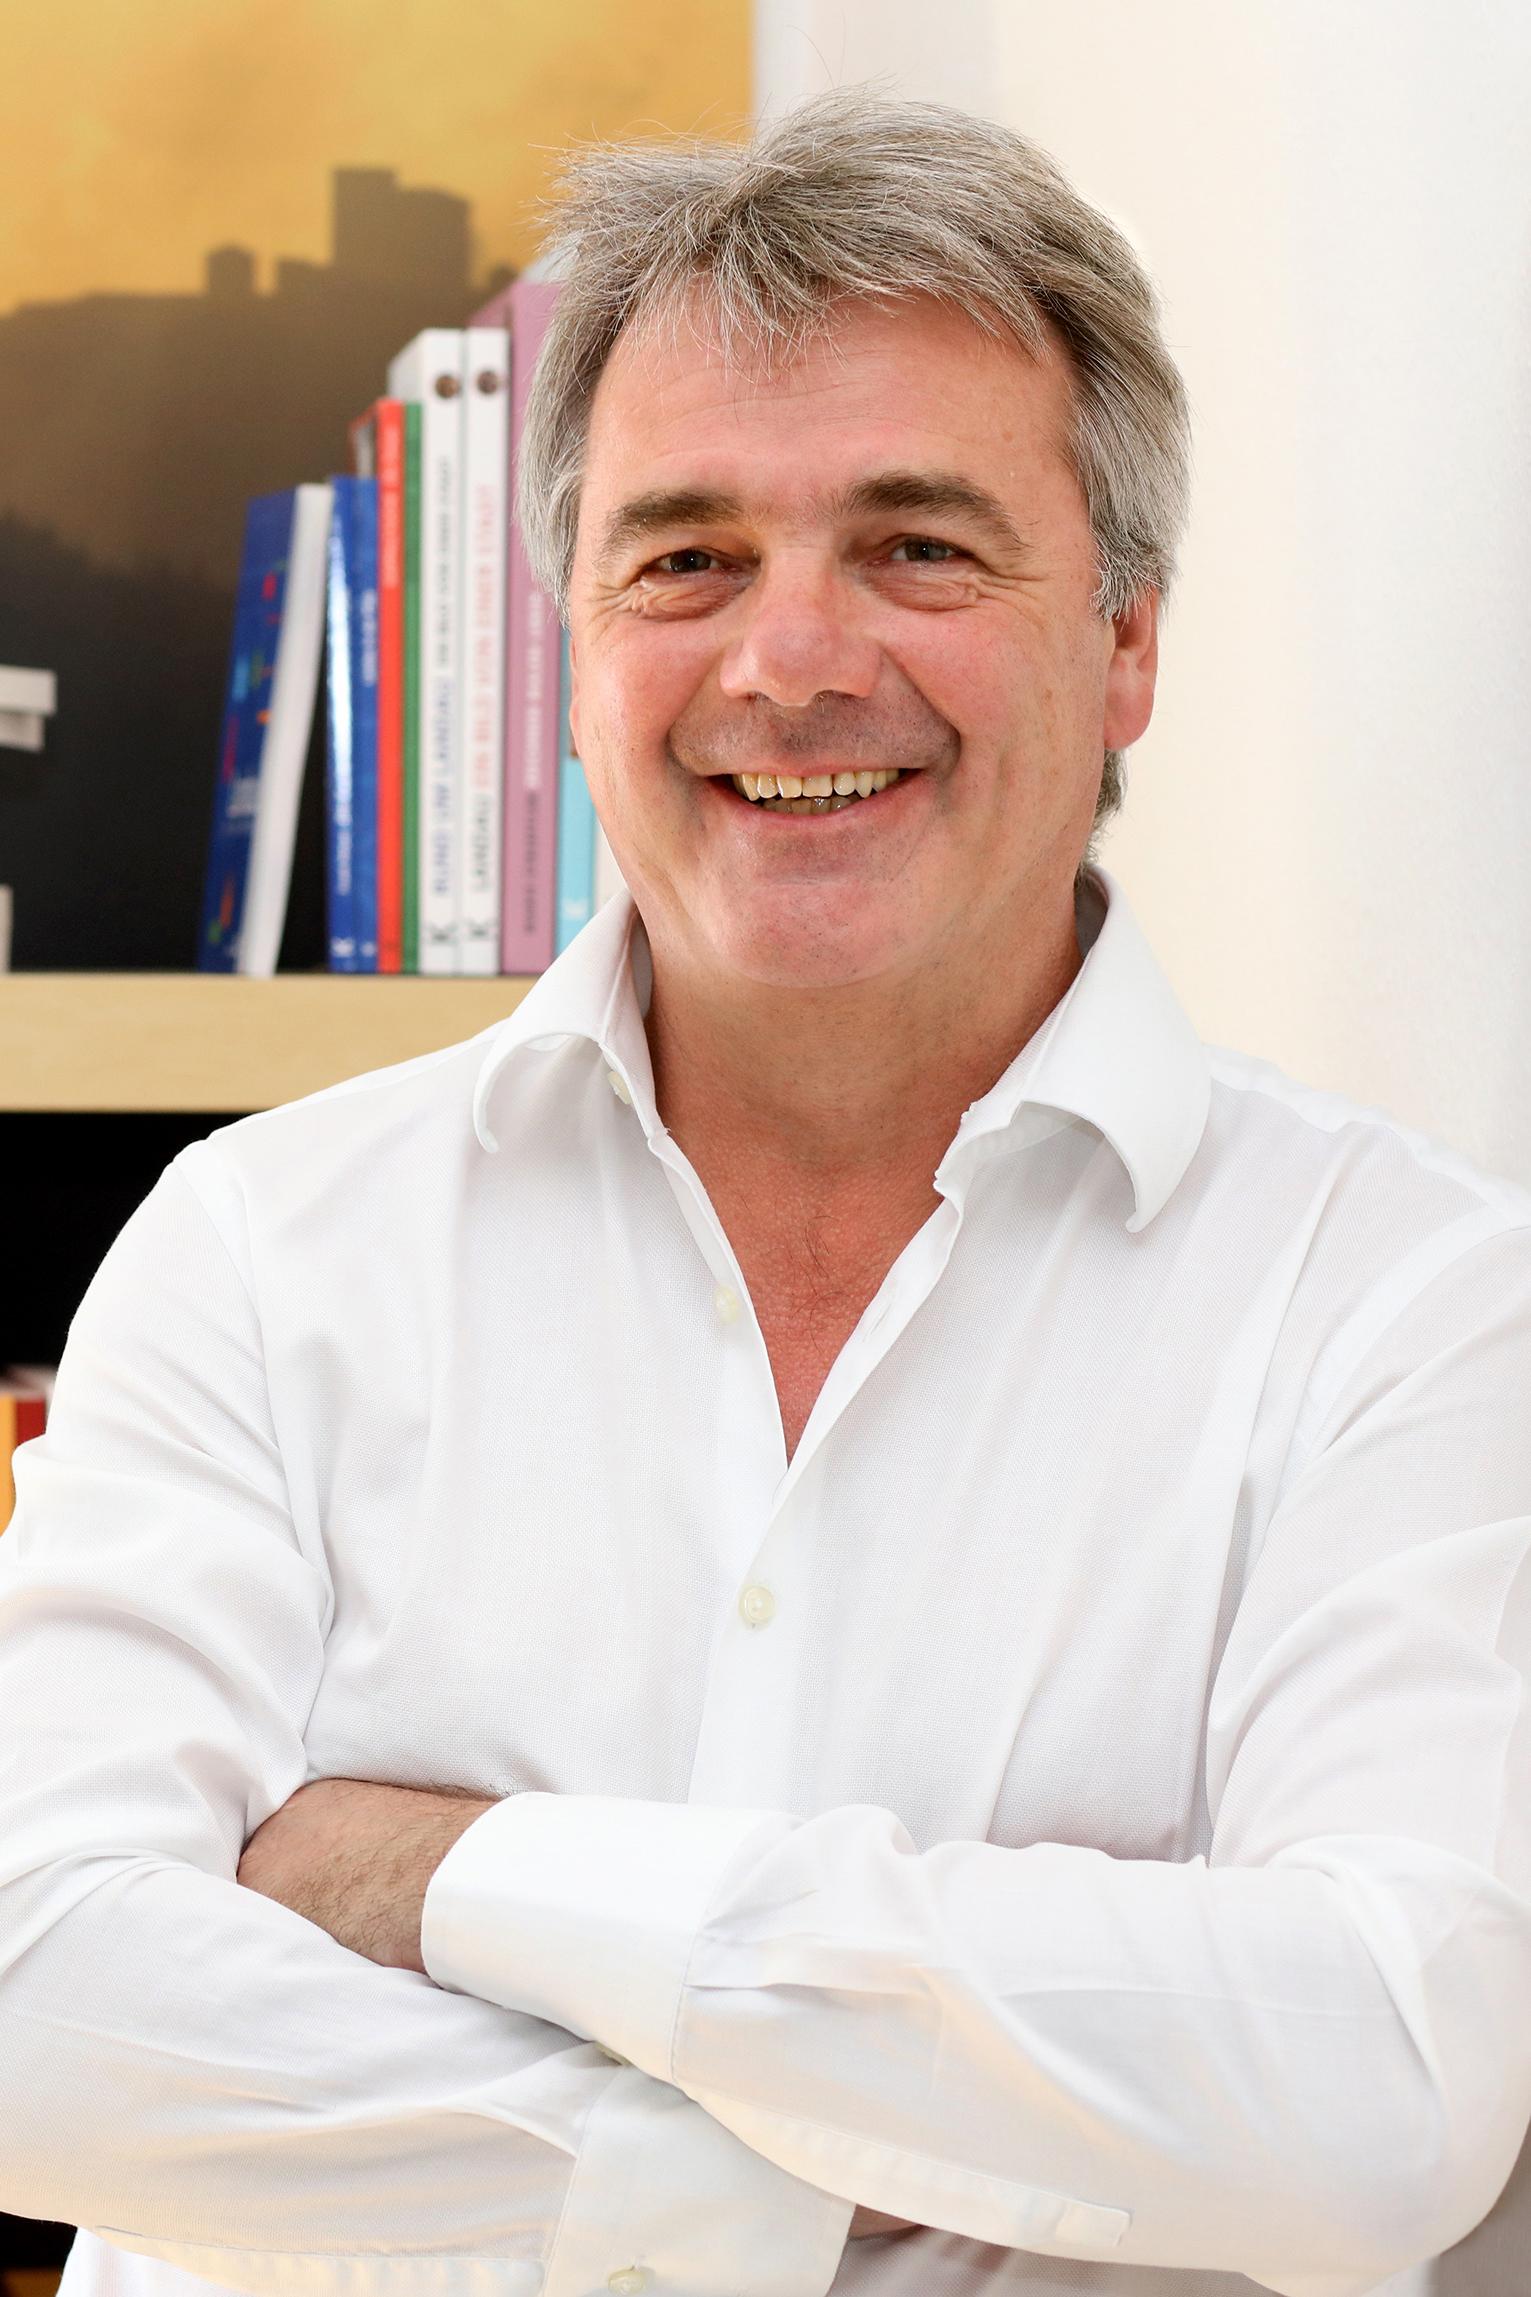 Markus Knecht